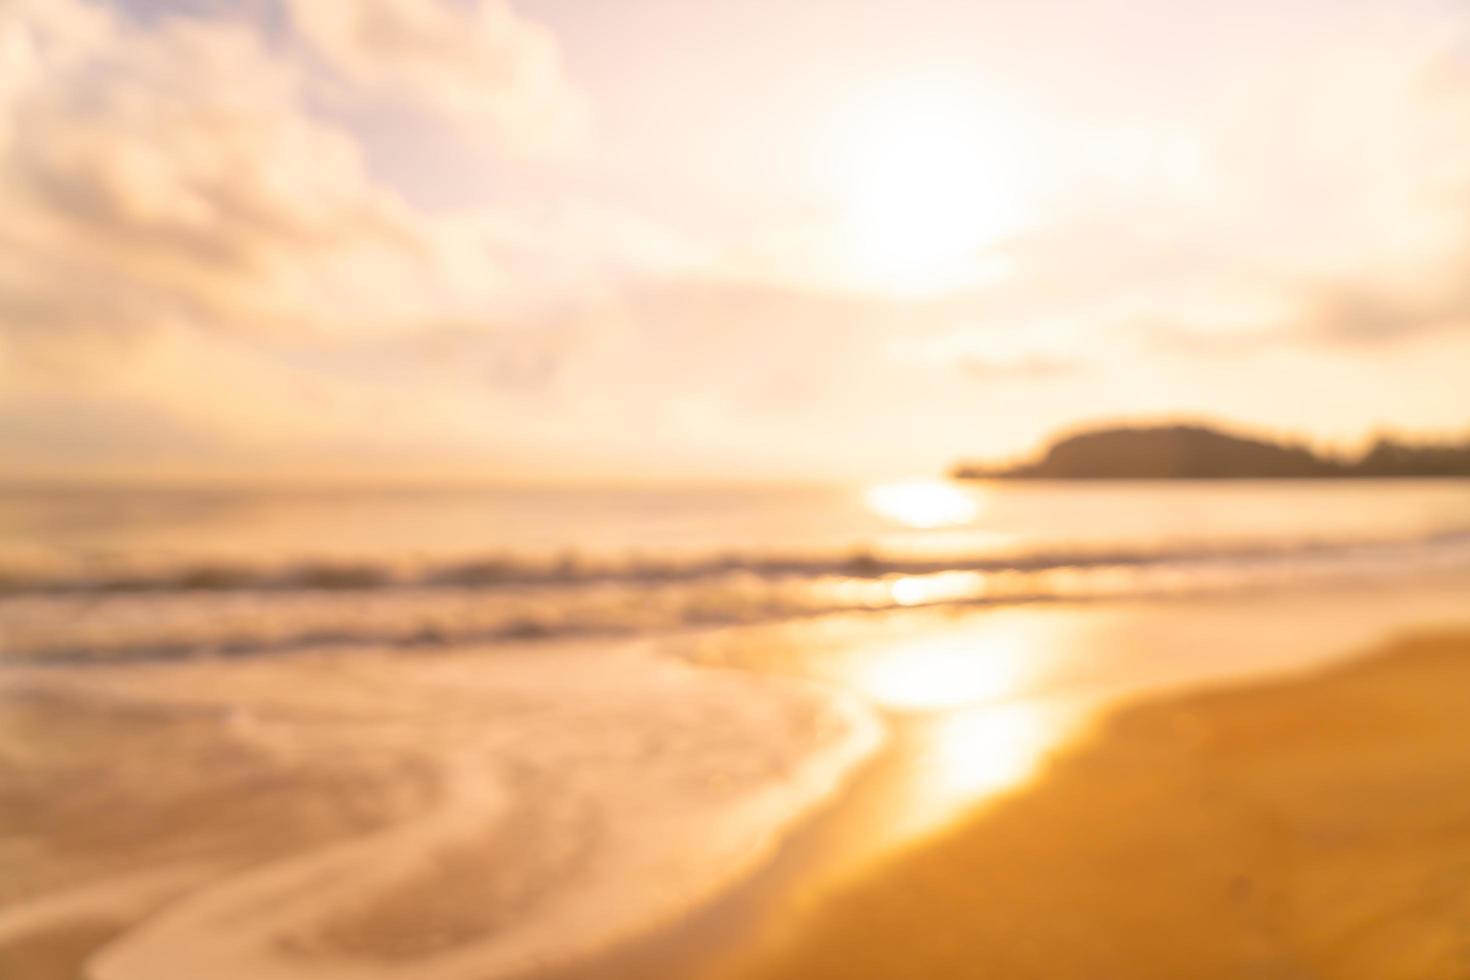 abstract vervagen strand zee bij zonsopgang of zonsondergang tijd voor achtergrond foto